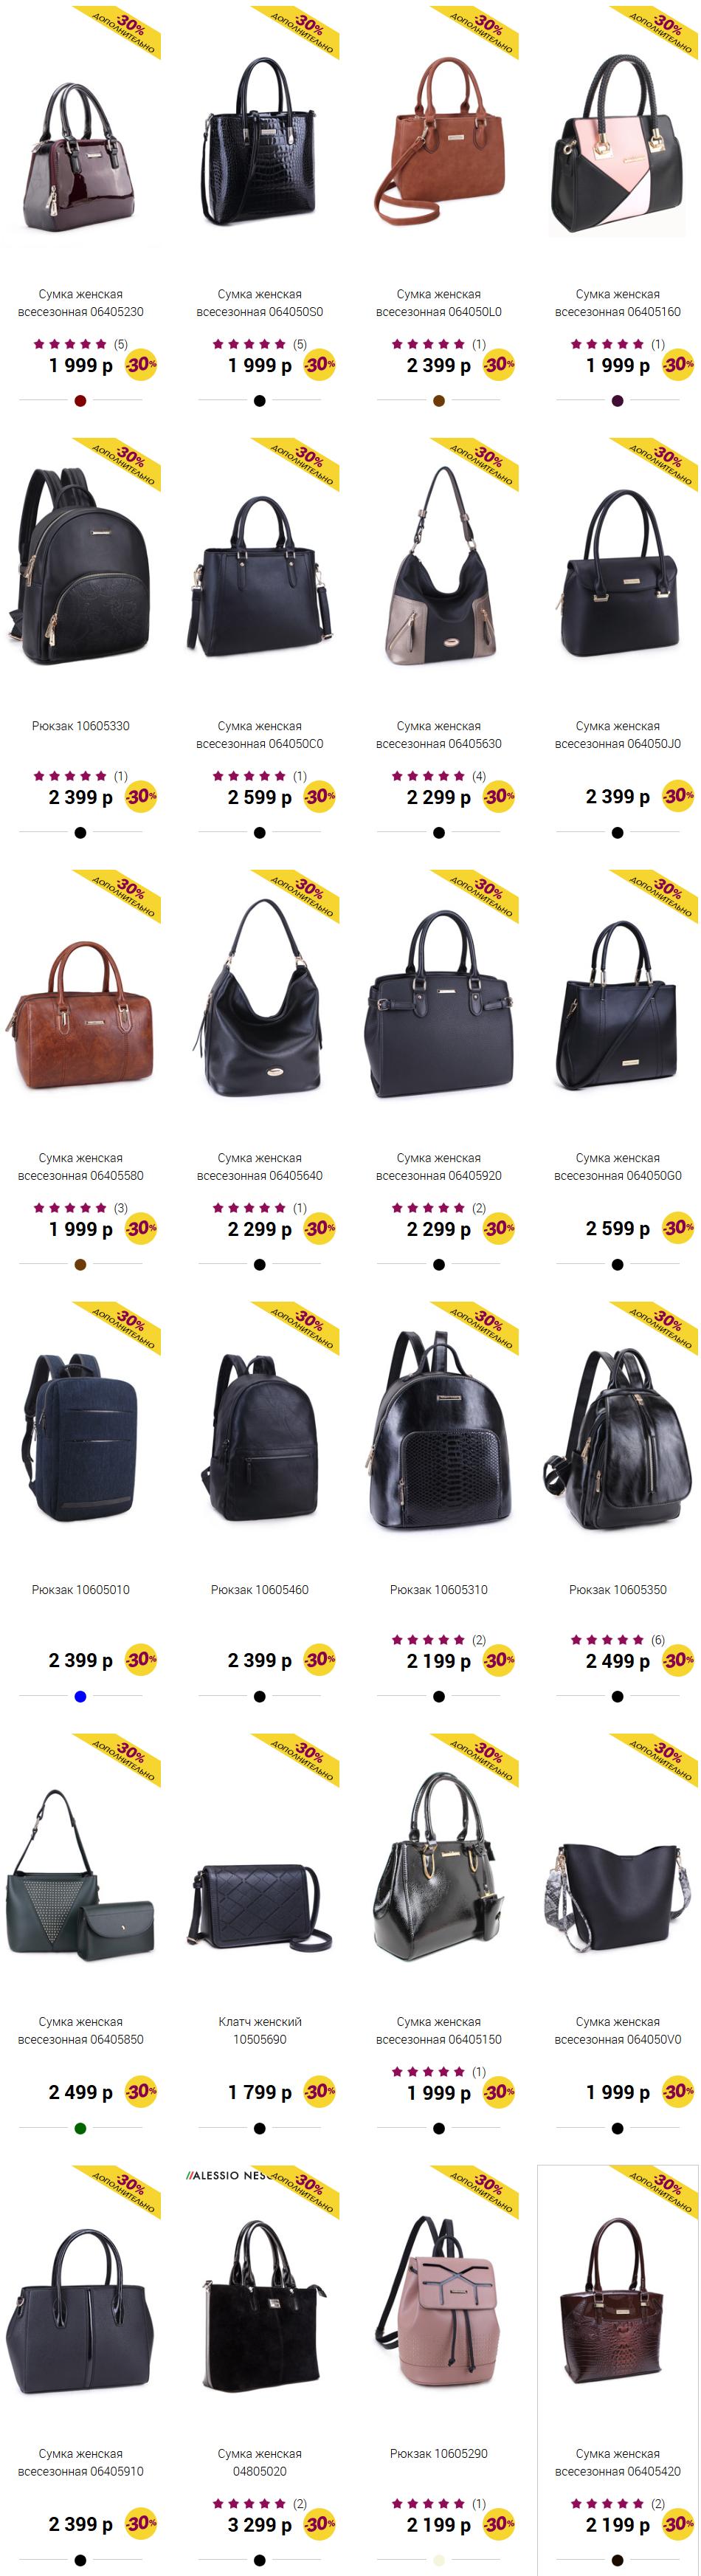 Женские сумки и рюкзаки Kari